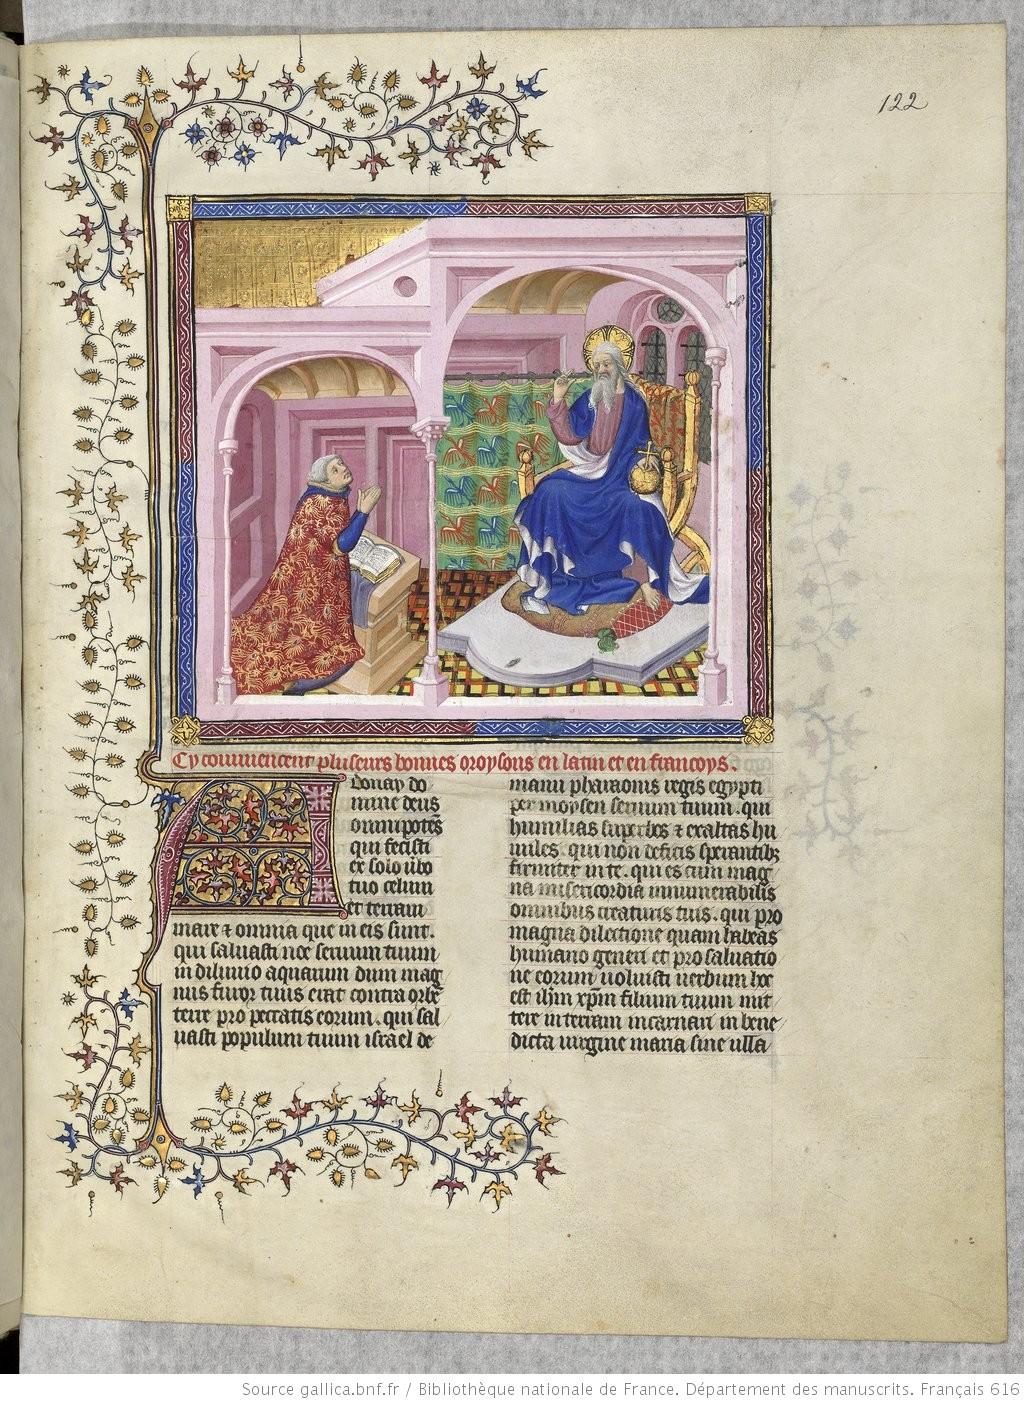 1400-20 Gaston-phebus-livre-de-la-chasse-Livre de la chasse BnF fr. 616 122r